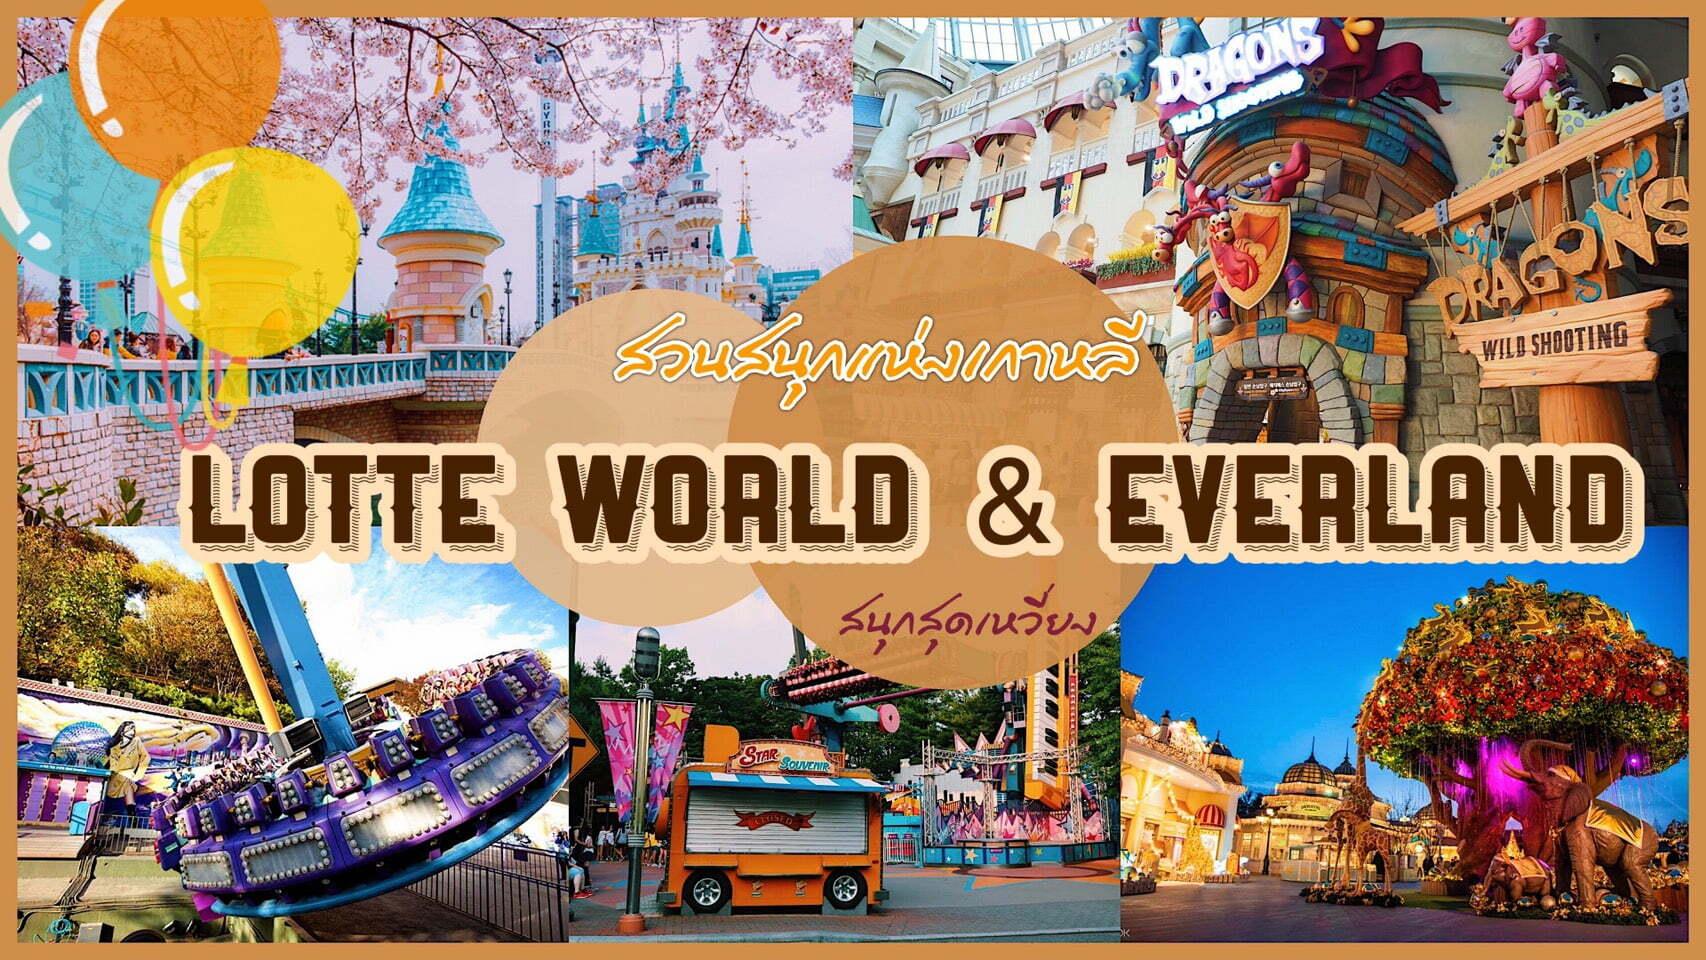 ทัวร์เกาหลี – สนุกสุดเหวี่ยงกับ 2 สวนสนุกแห่งเกาหลี Lotte World and Everland